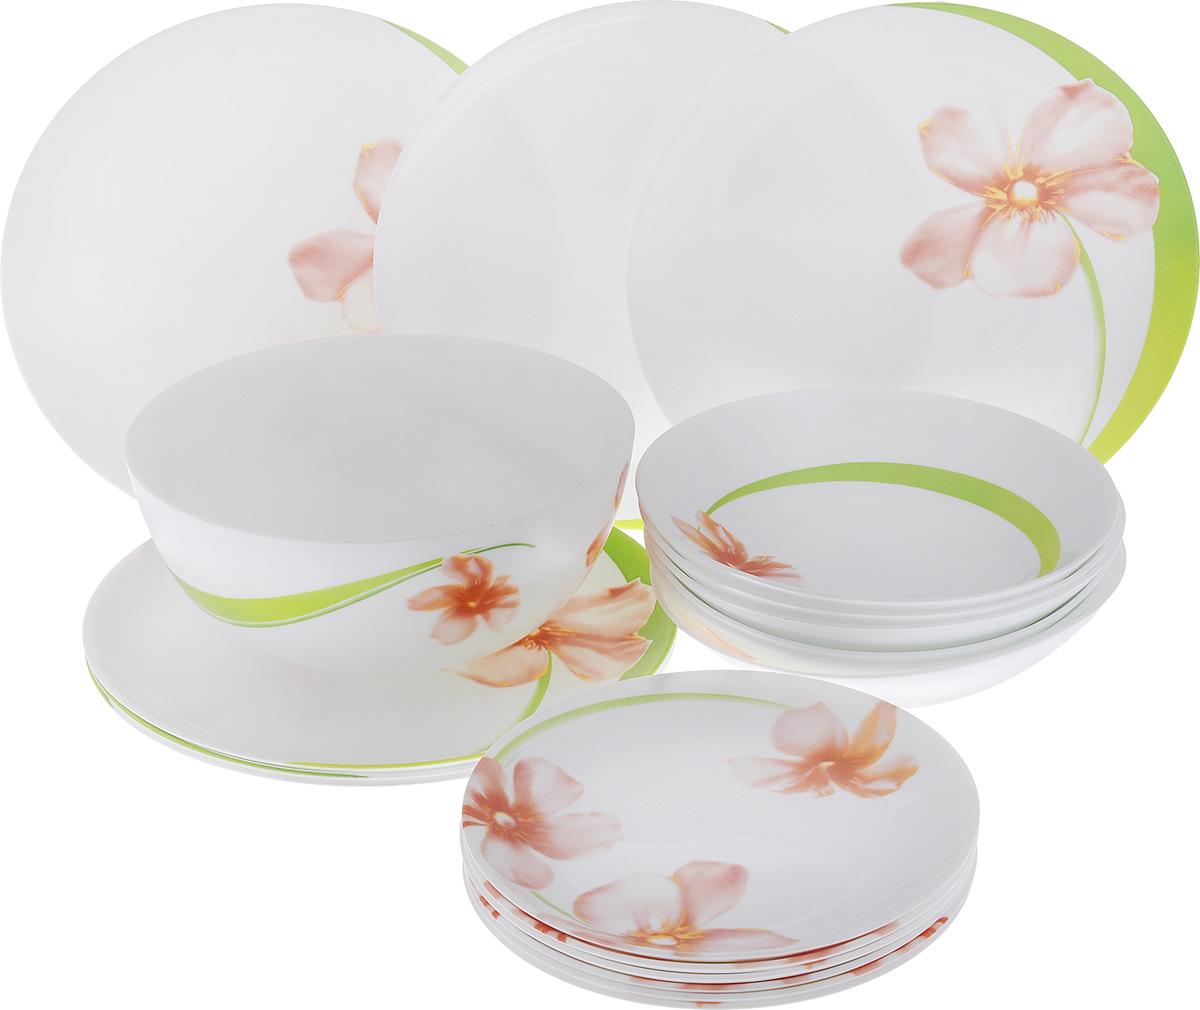 Набор столовой посуды Luminarc Sweet Impression, 19 предметовE4946Набор Luminarc Sweet Impression состоит из 6 суповых тарелок, 6 обеденных тарелок, 6 десертных тарелок и салатника. Изделия выполнены из ударопрочного стекла, оформлены ярким рисунком цветов и имеют классическую круглую форму. Посуда отличается прочностью, гигиеничностью и долгим сроком службы, она устойчива к появлению царапин и резким перепадам температур. Такой набор прекрасно подойдет как для повседневного использования, так и для праздников или особенных случаев. Набор столовой посуды Luminarc Sweet Impression - это не только яркий и полезный подарок для родных и близких, а также великолепное дизайнерское решение для вашей кухни или столовой. Можно мыть в посудомоечной машине и использовать в микроволновой печи. Диаметр суповой тарелки (по верхнему краю): 20 см. Высота суповой тарелки: 4 см. Диаметр обеденной тарелки (по верхнему краю): 25 см. Высота обеденной тарелки: 1,7 см. Диаметр десертной тарелки (по...